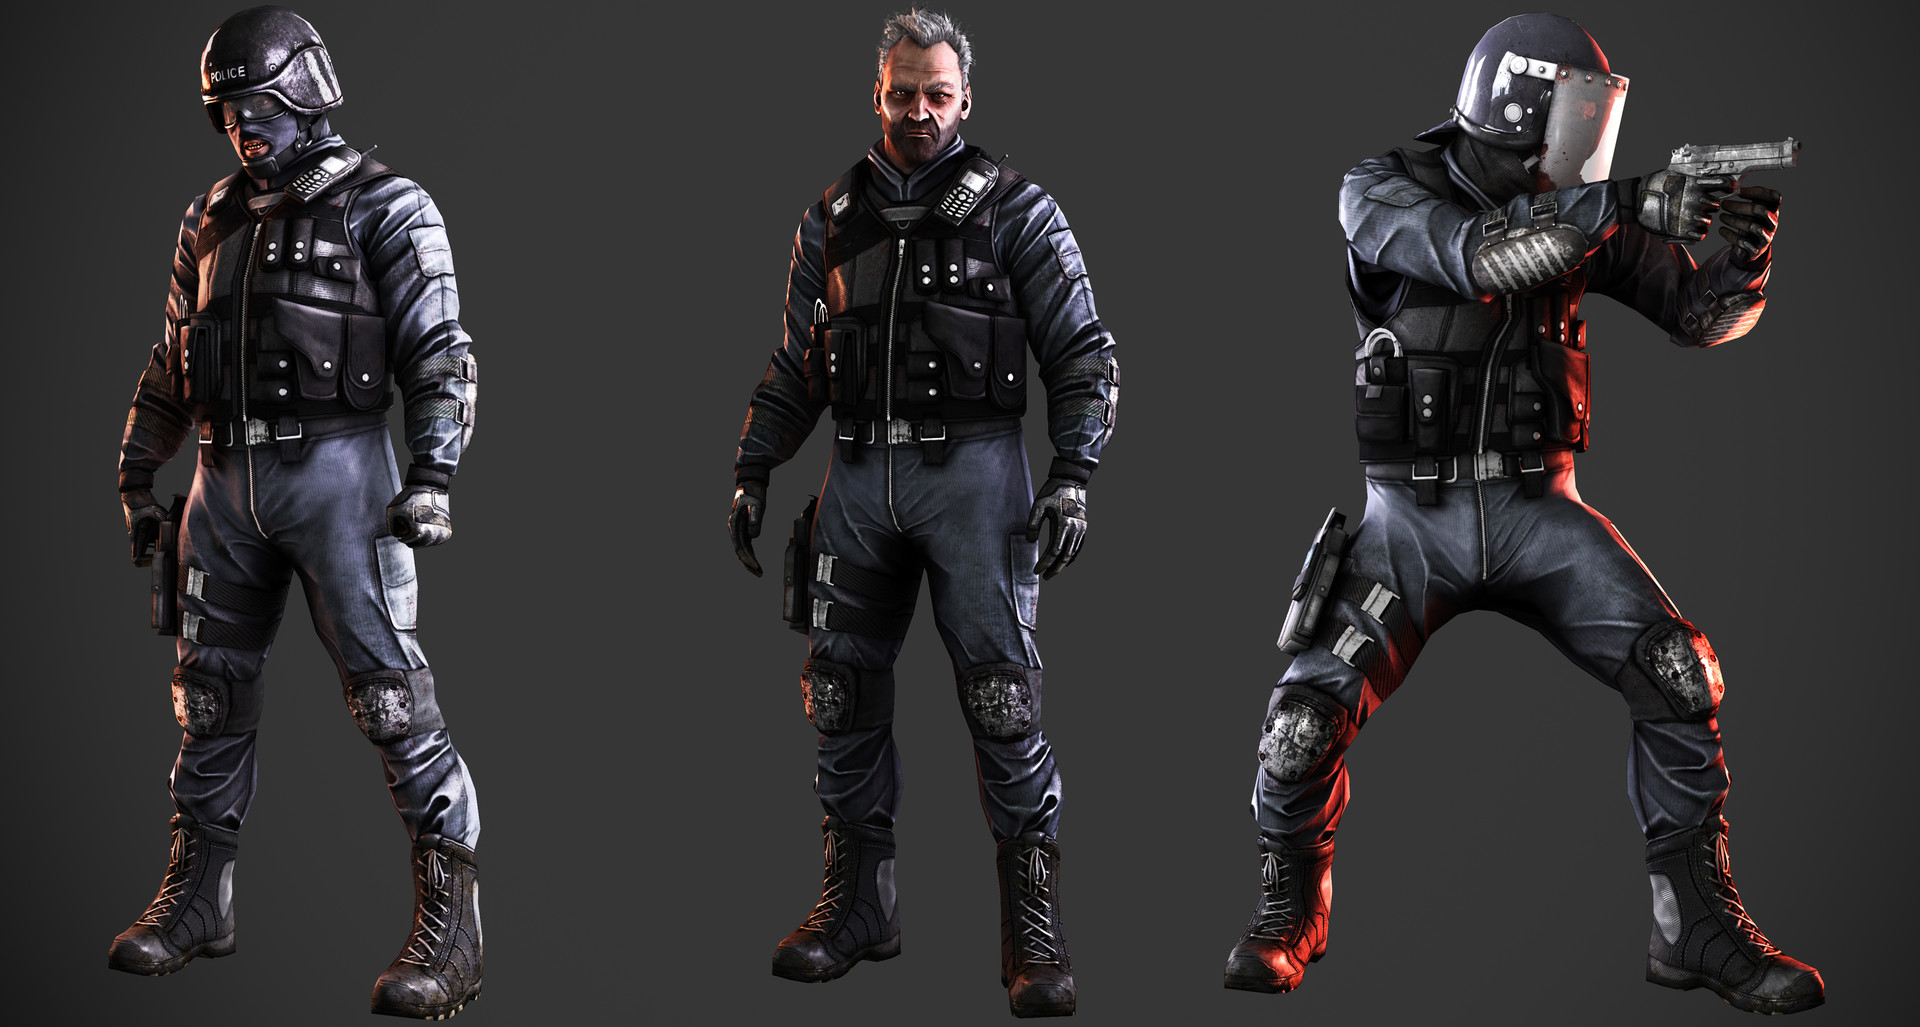 фото бойцов спецназа из игры прототип лихачева часто подвергались